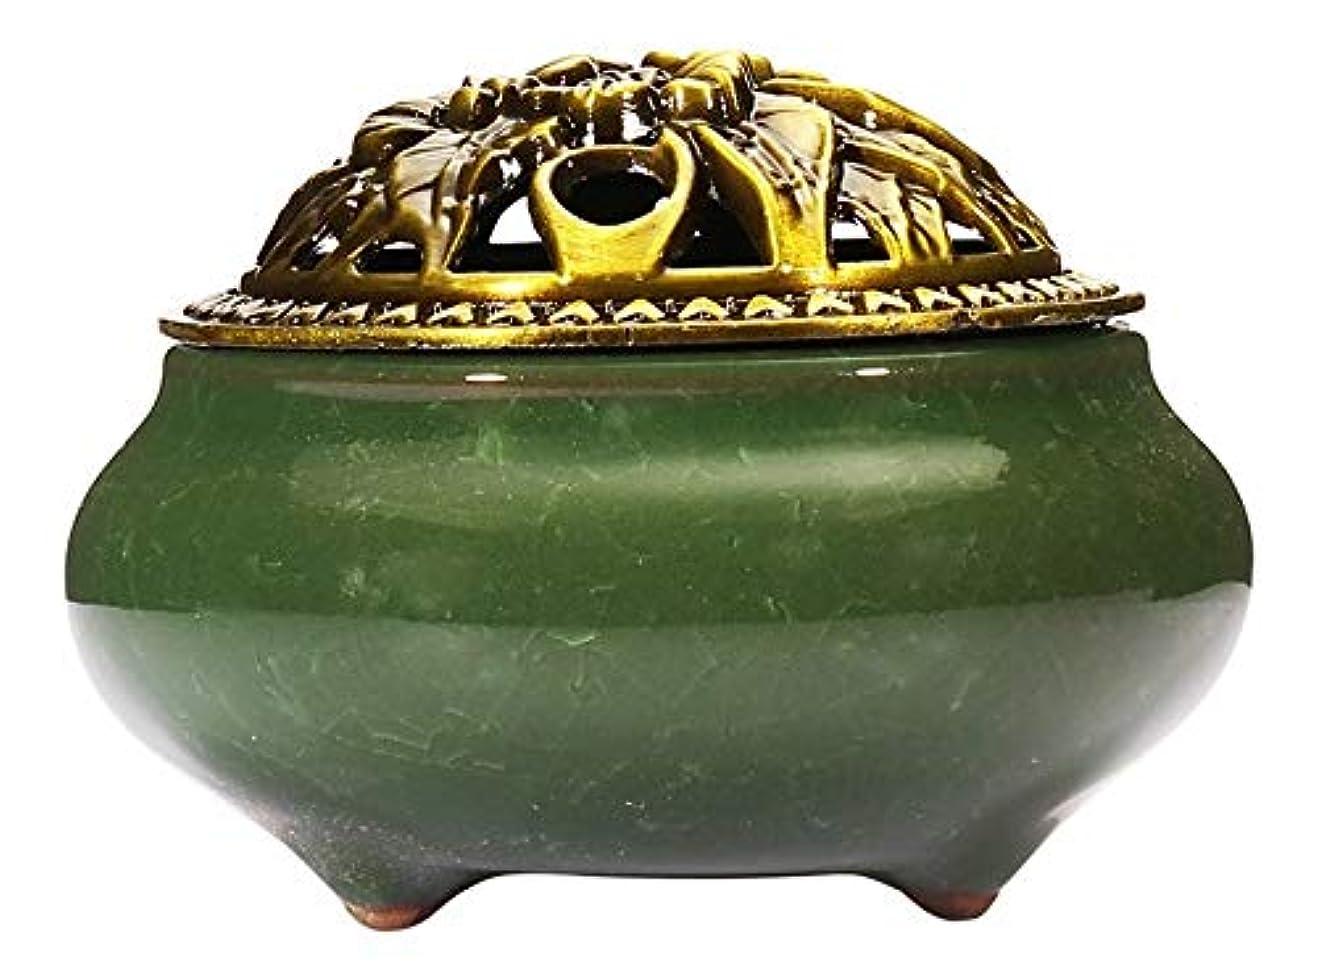 保守的タブレット申請中(Dark Green) - Incense Burner with Brass Incense Stick Holder Ice-Patterned Dark green Handmade Censer by Xujia.